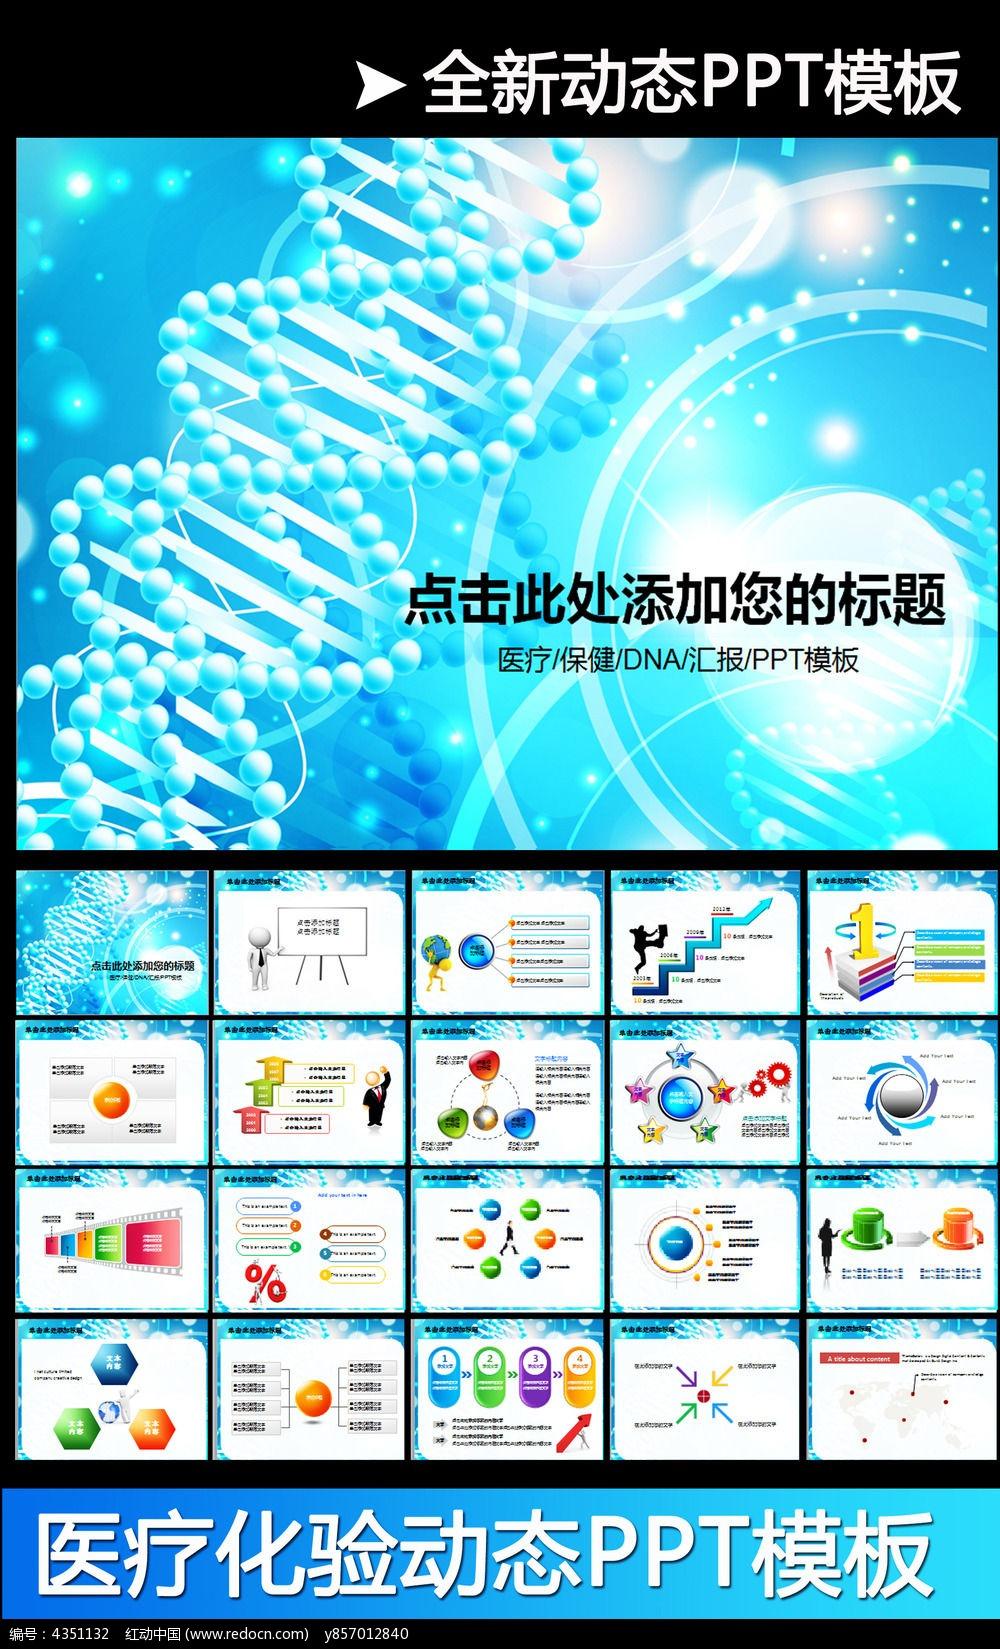 基因dna生物学化学实验生命ppt模板